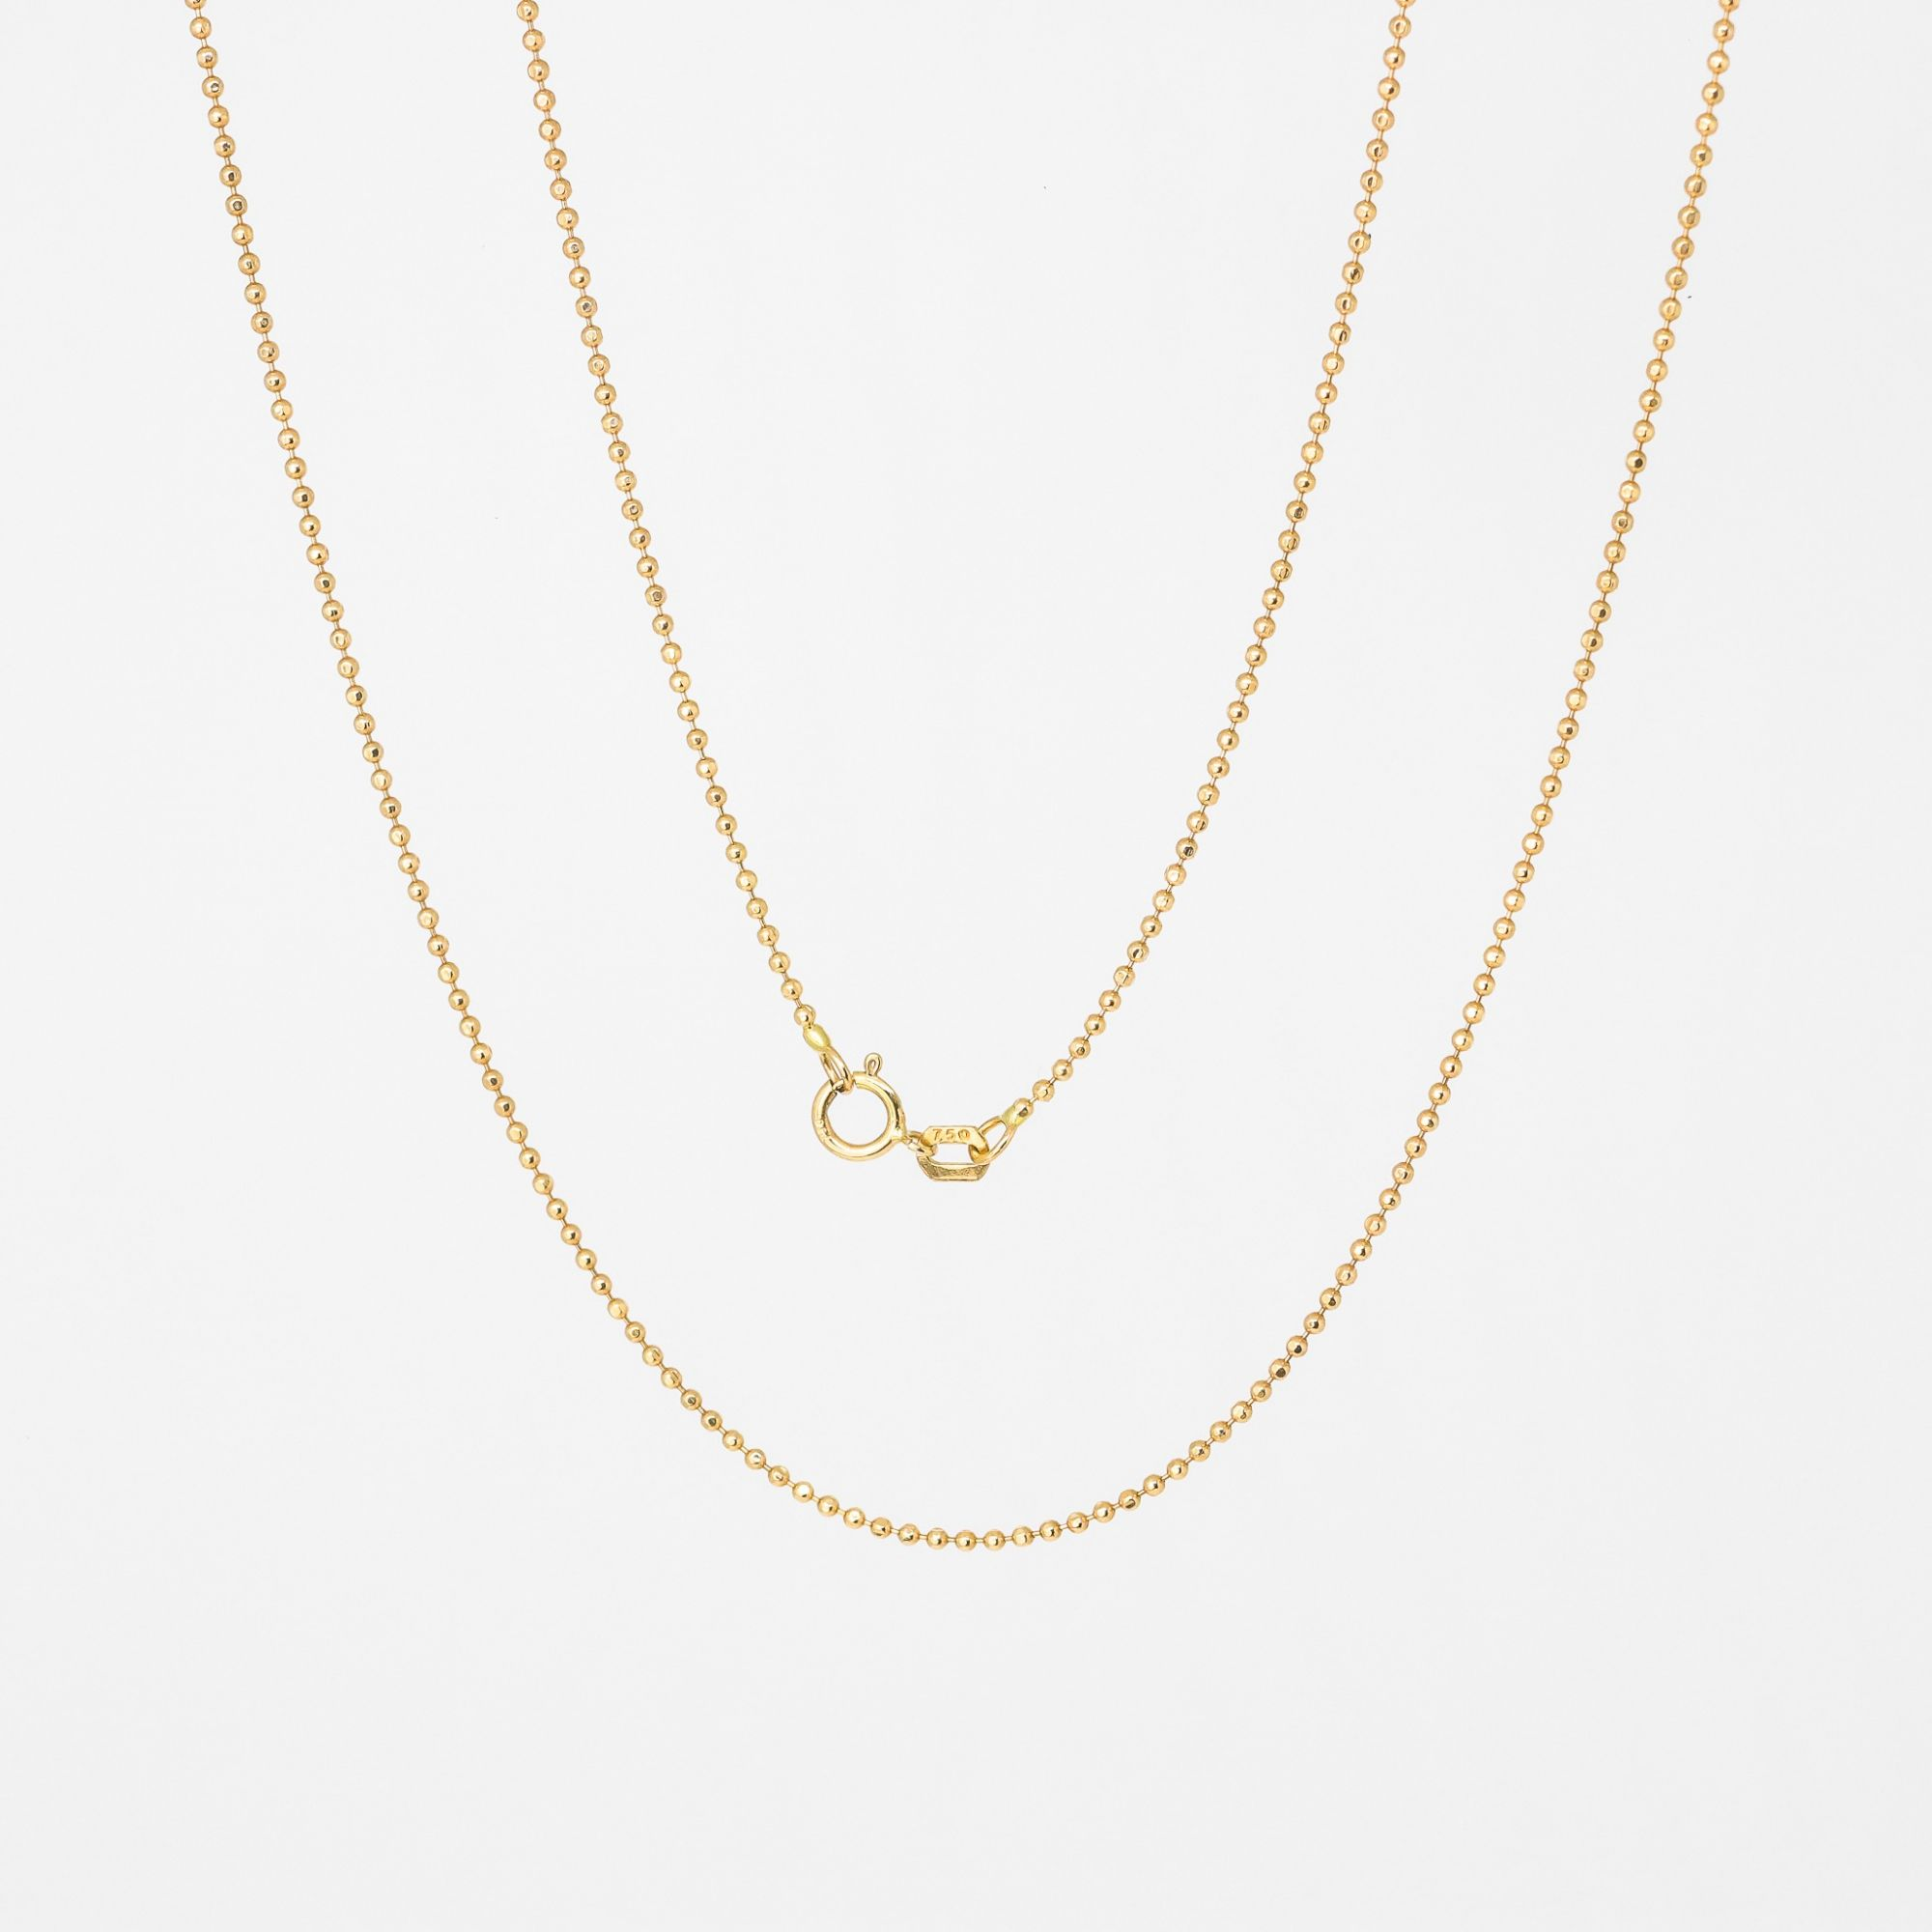 Corrente ouro 18k bolinhas 50 cm diamantada